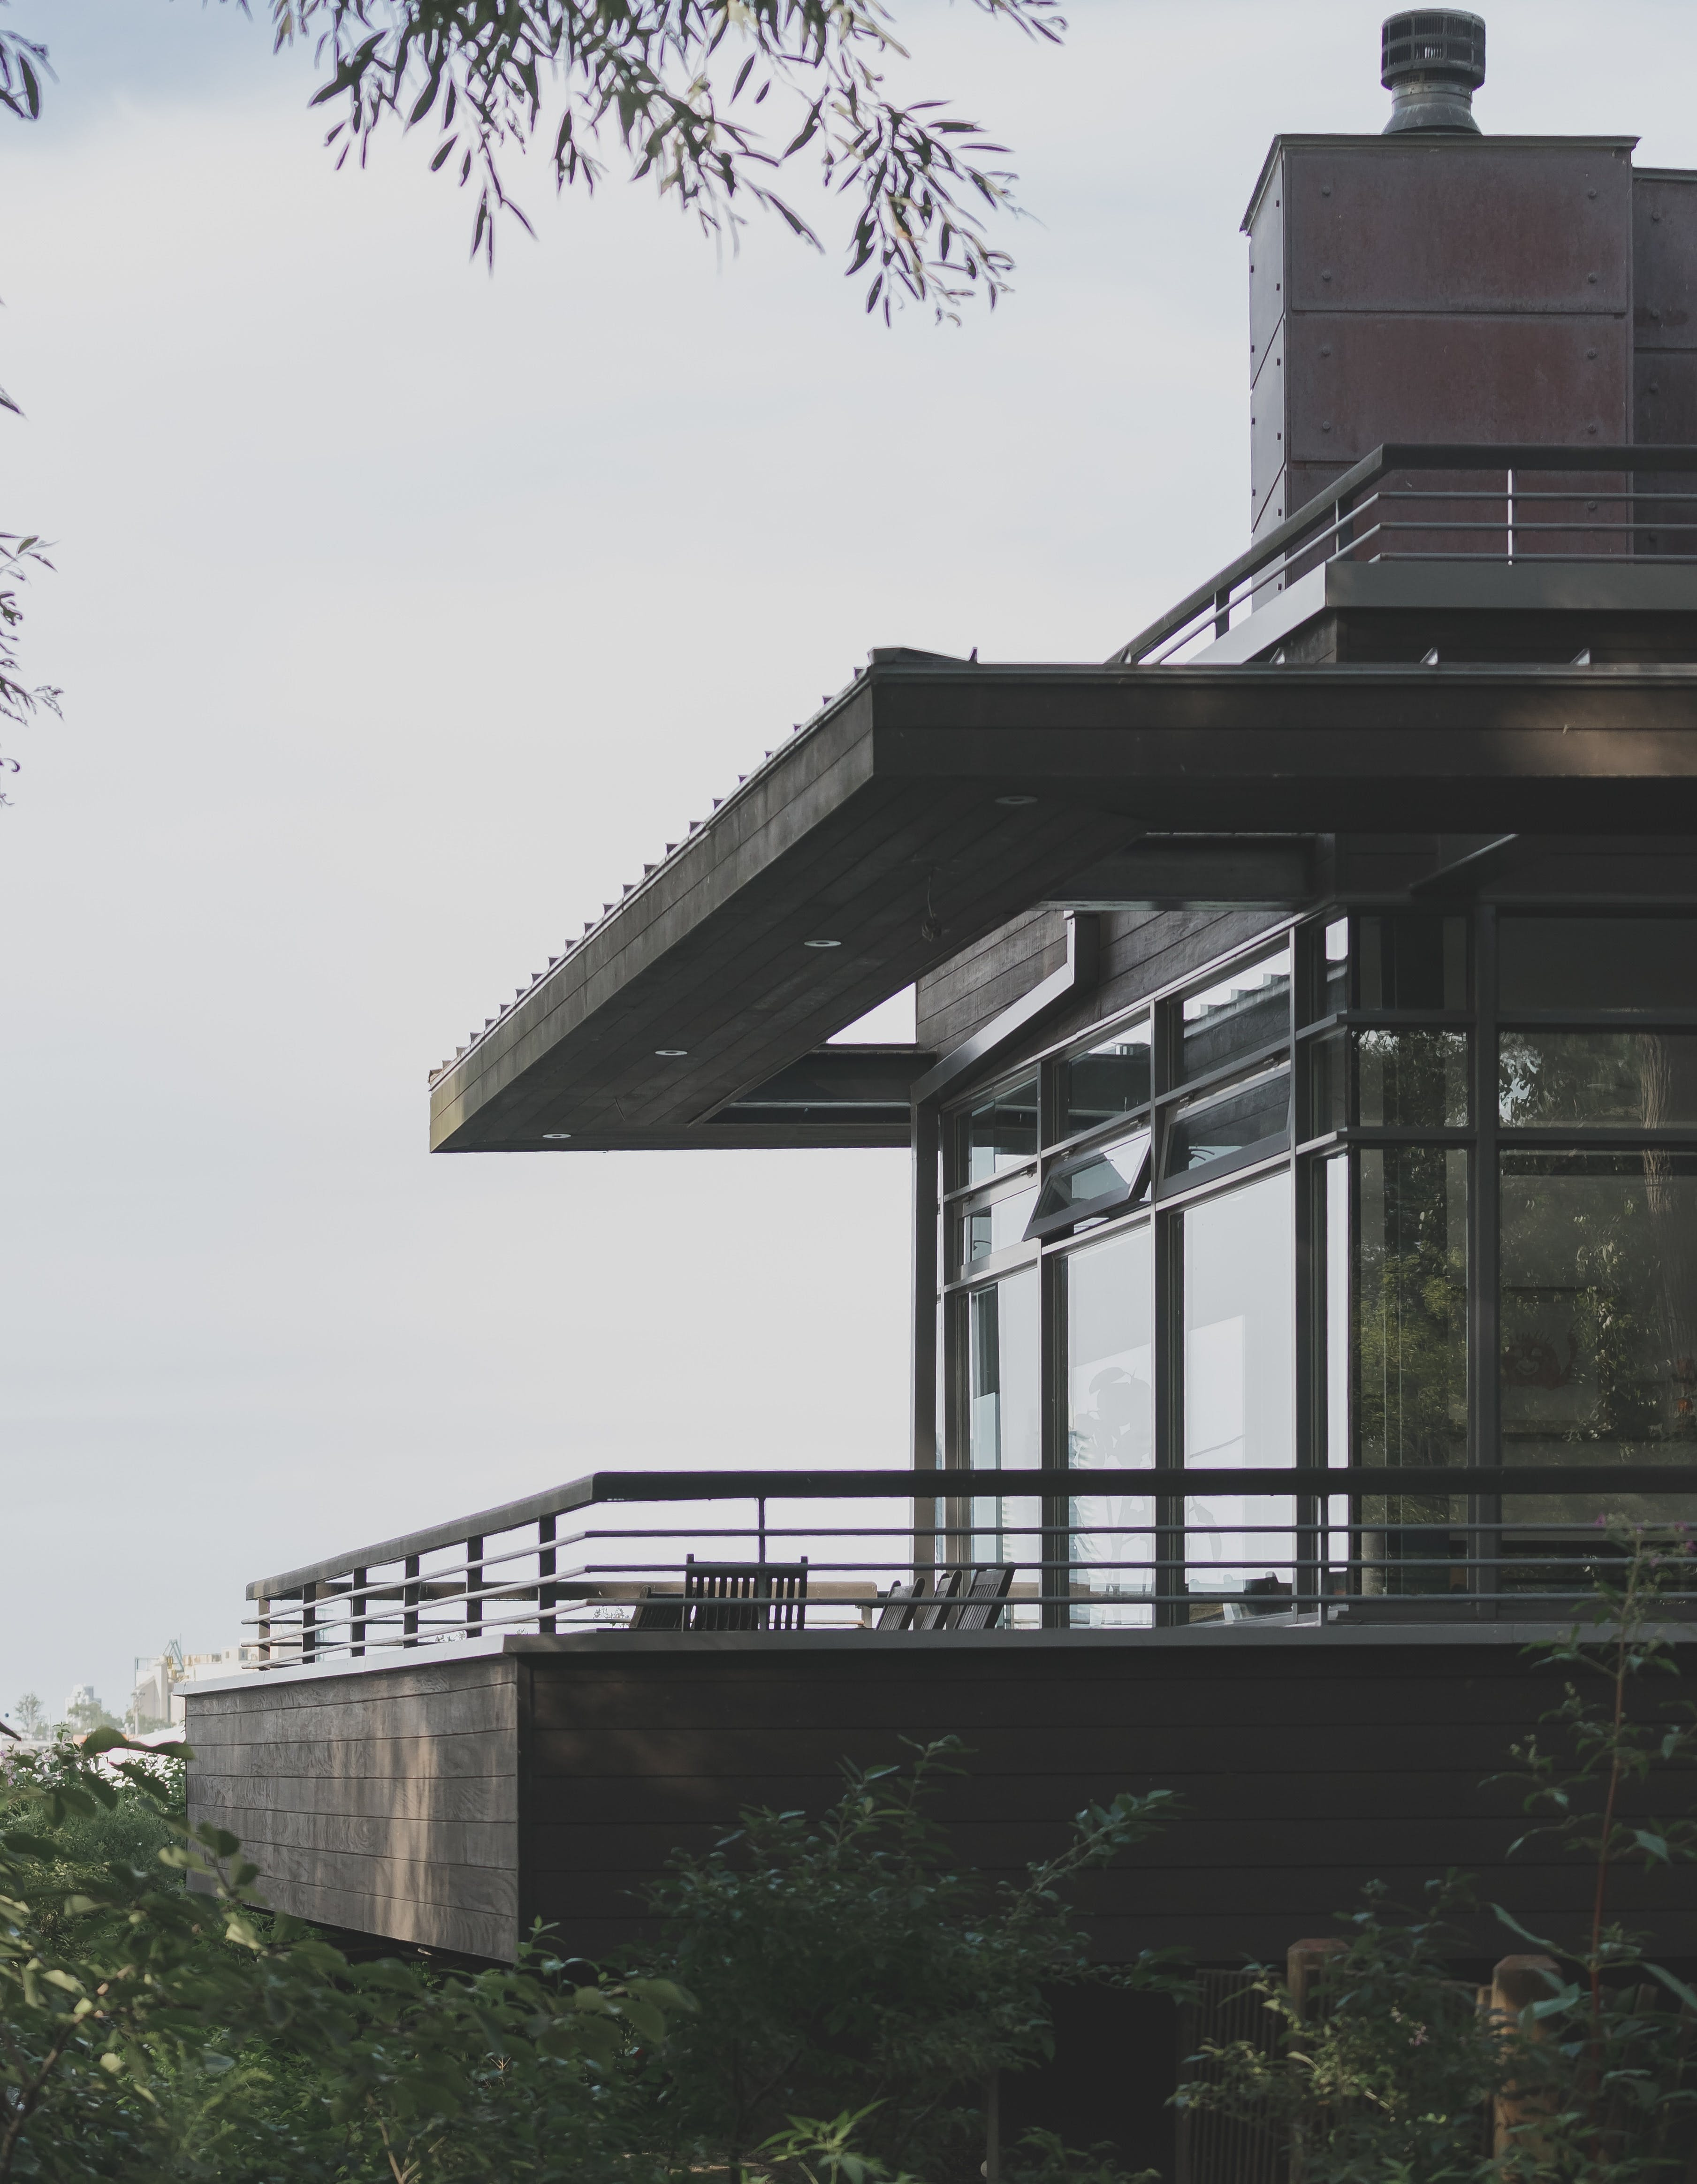 Kostenloses Stock Foto zu bäume, haus, architektur, blätter